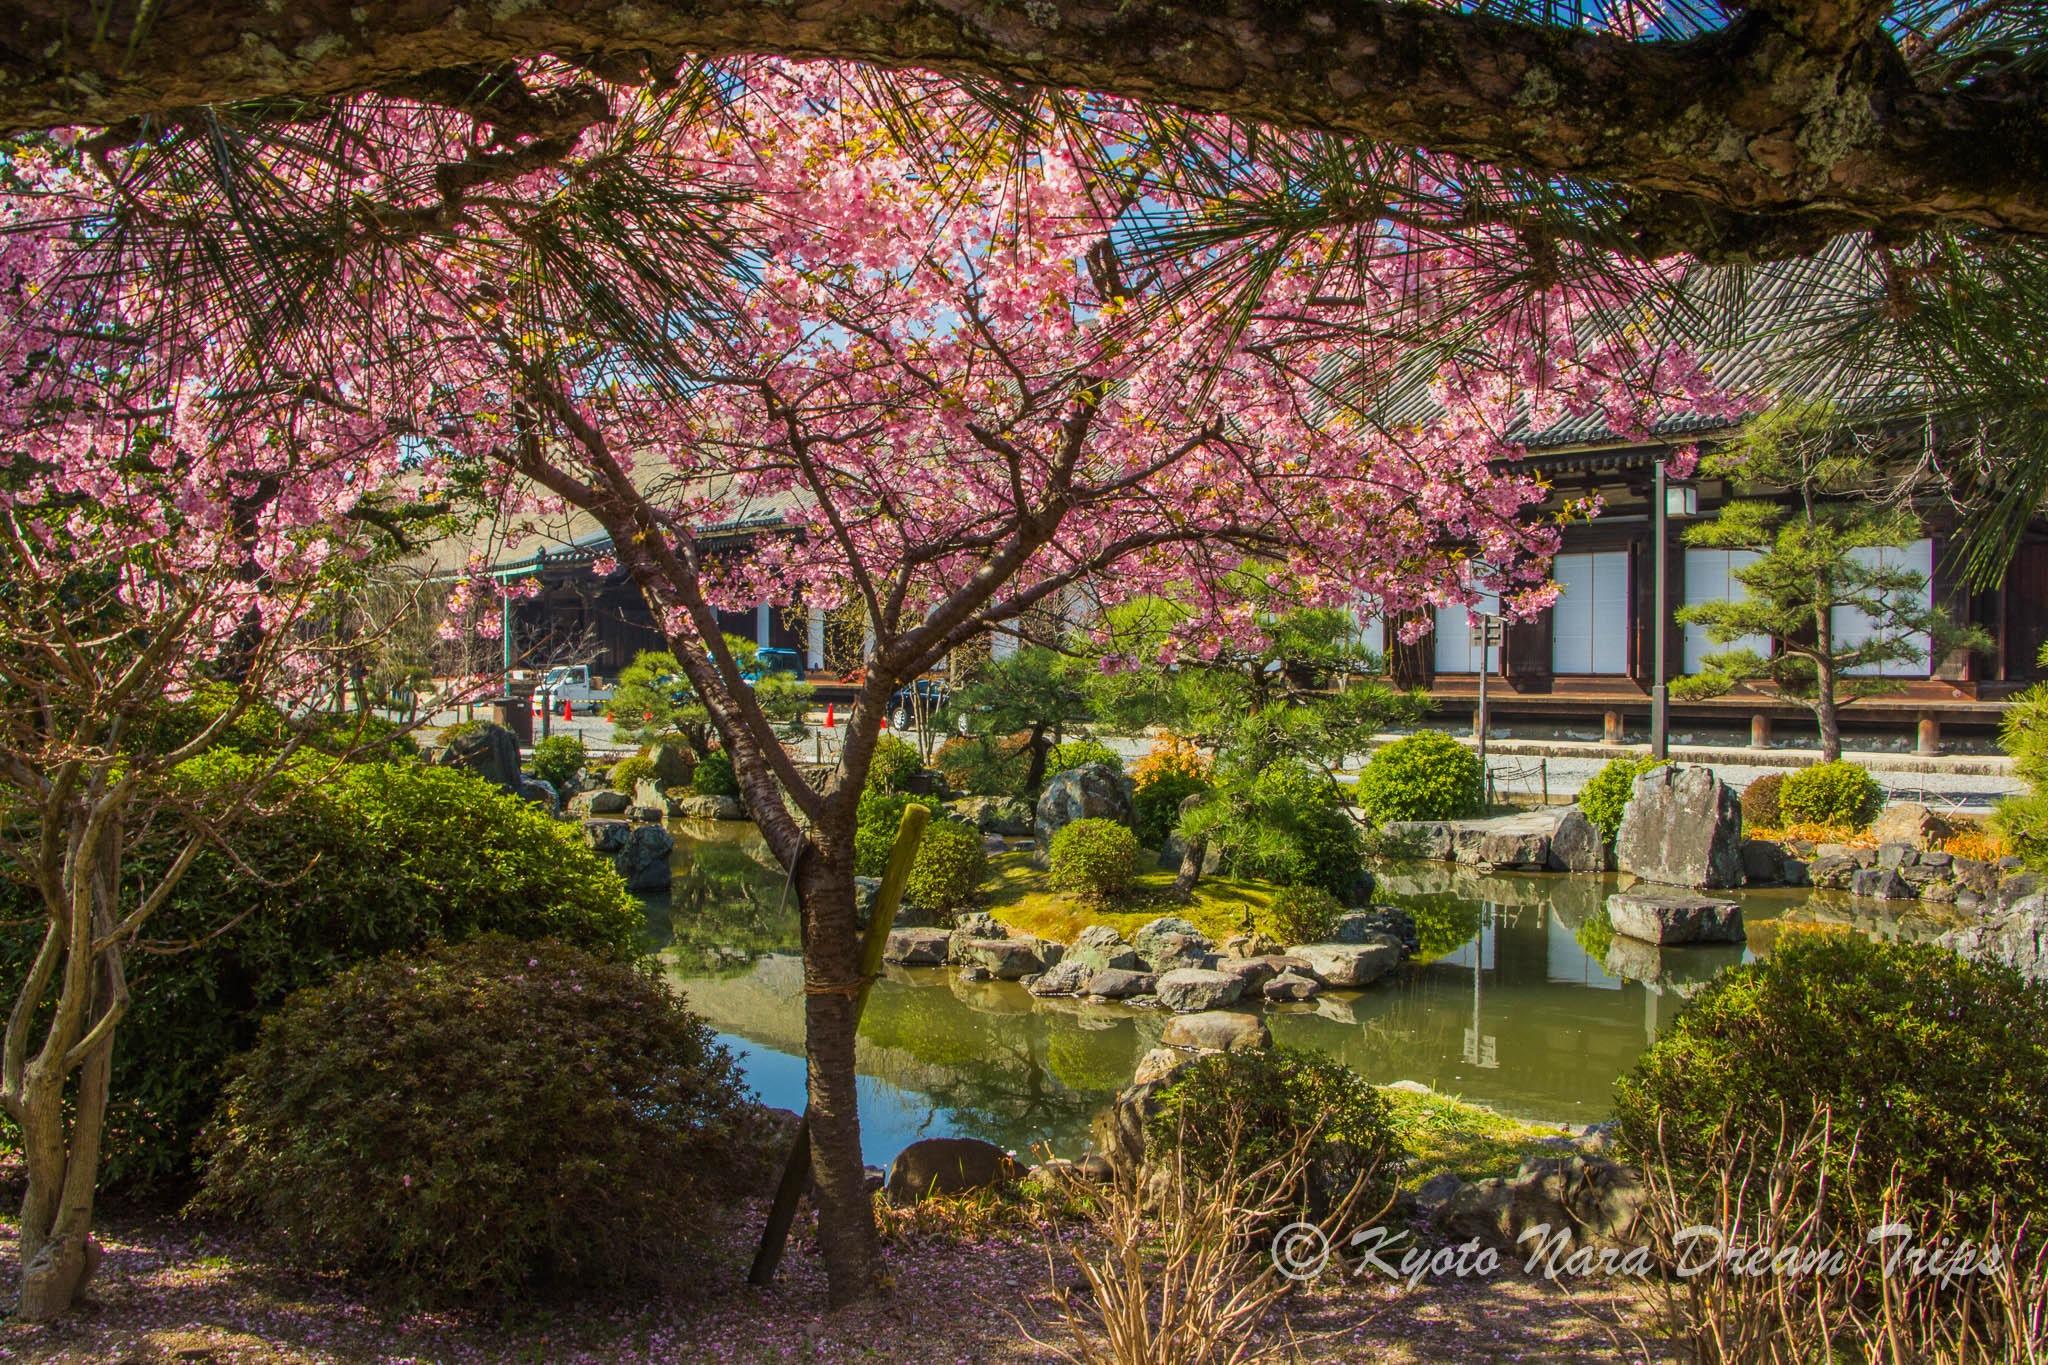 Kawazu Sakura at Sanjūsangen-dō in Kyōto. by KyotoNaraDreamTrips